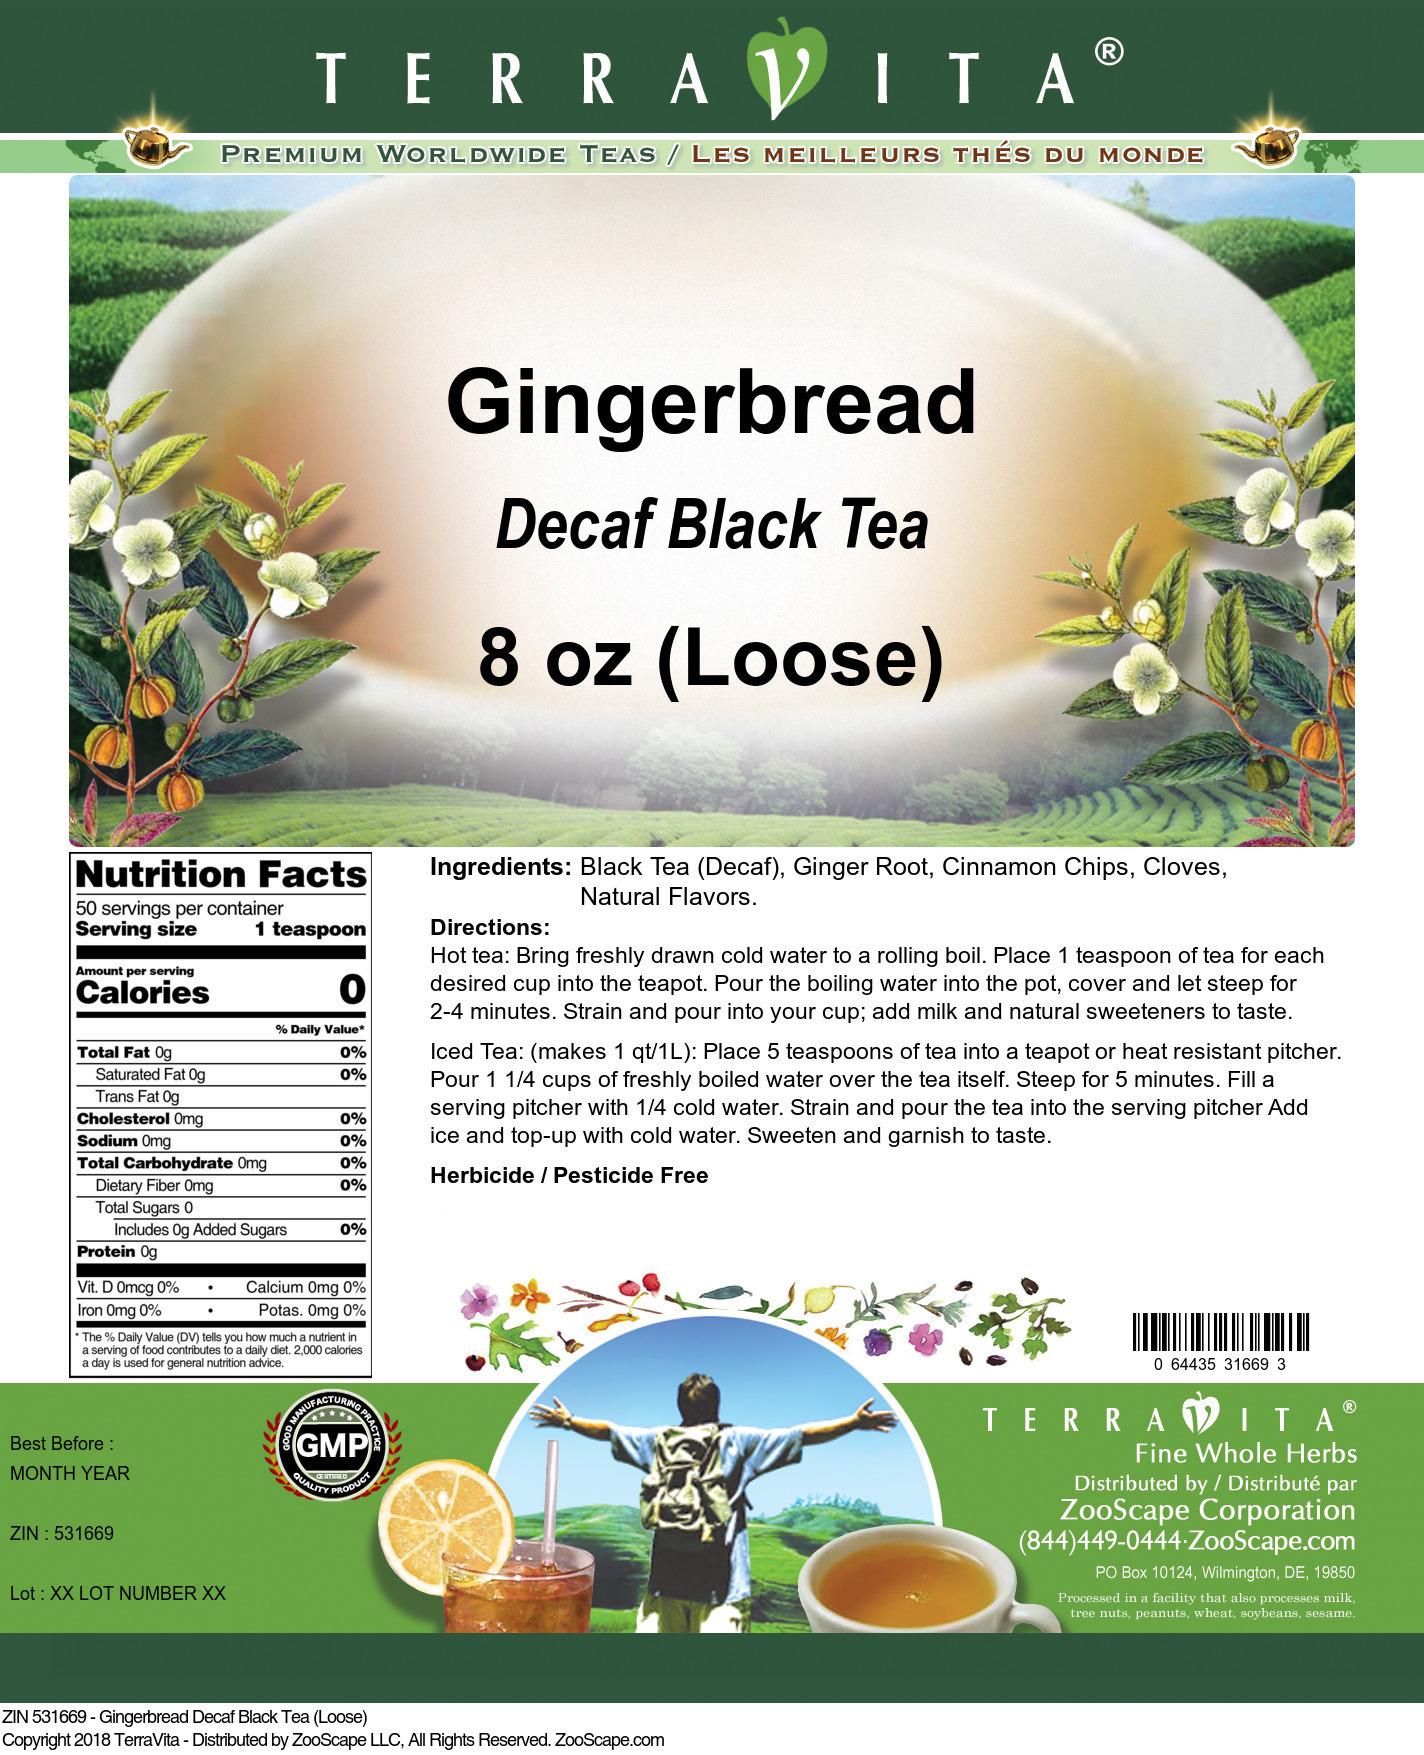 Gingerbread Decaf Black Tea